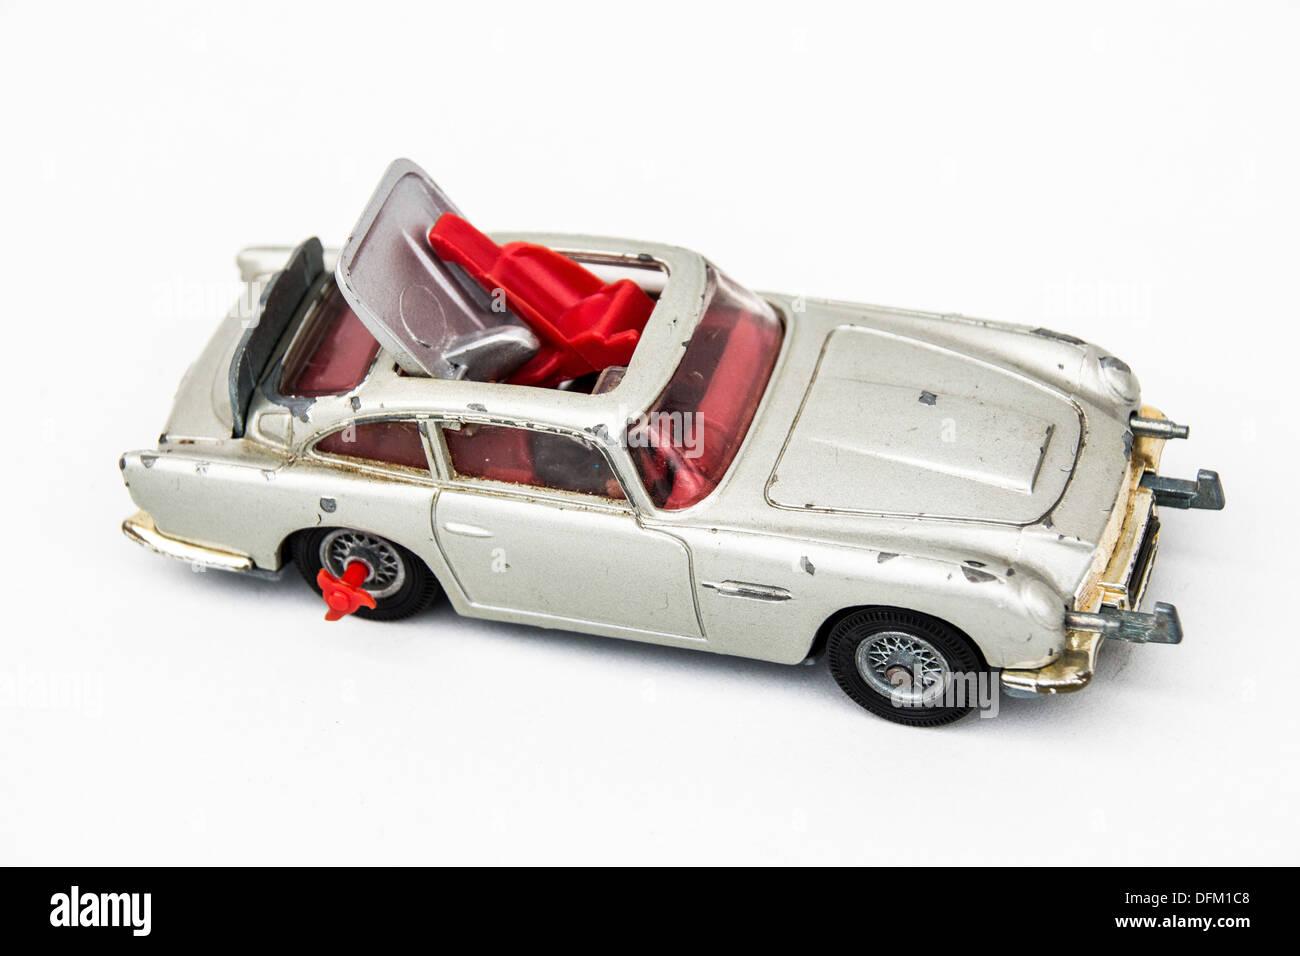 007 Corgi Stockfotos Und Bilder Kaufen Alamy